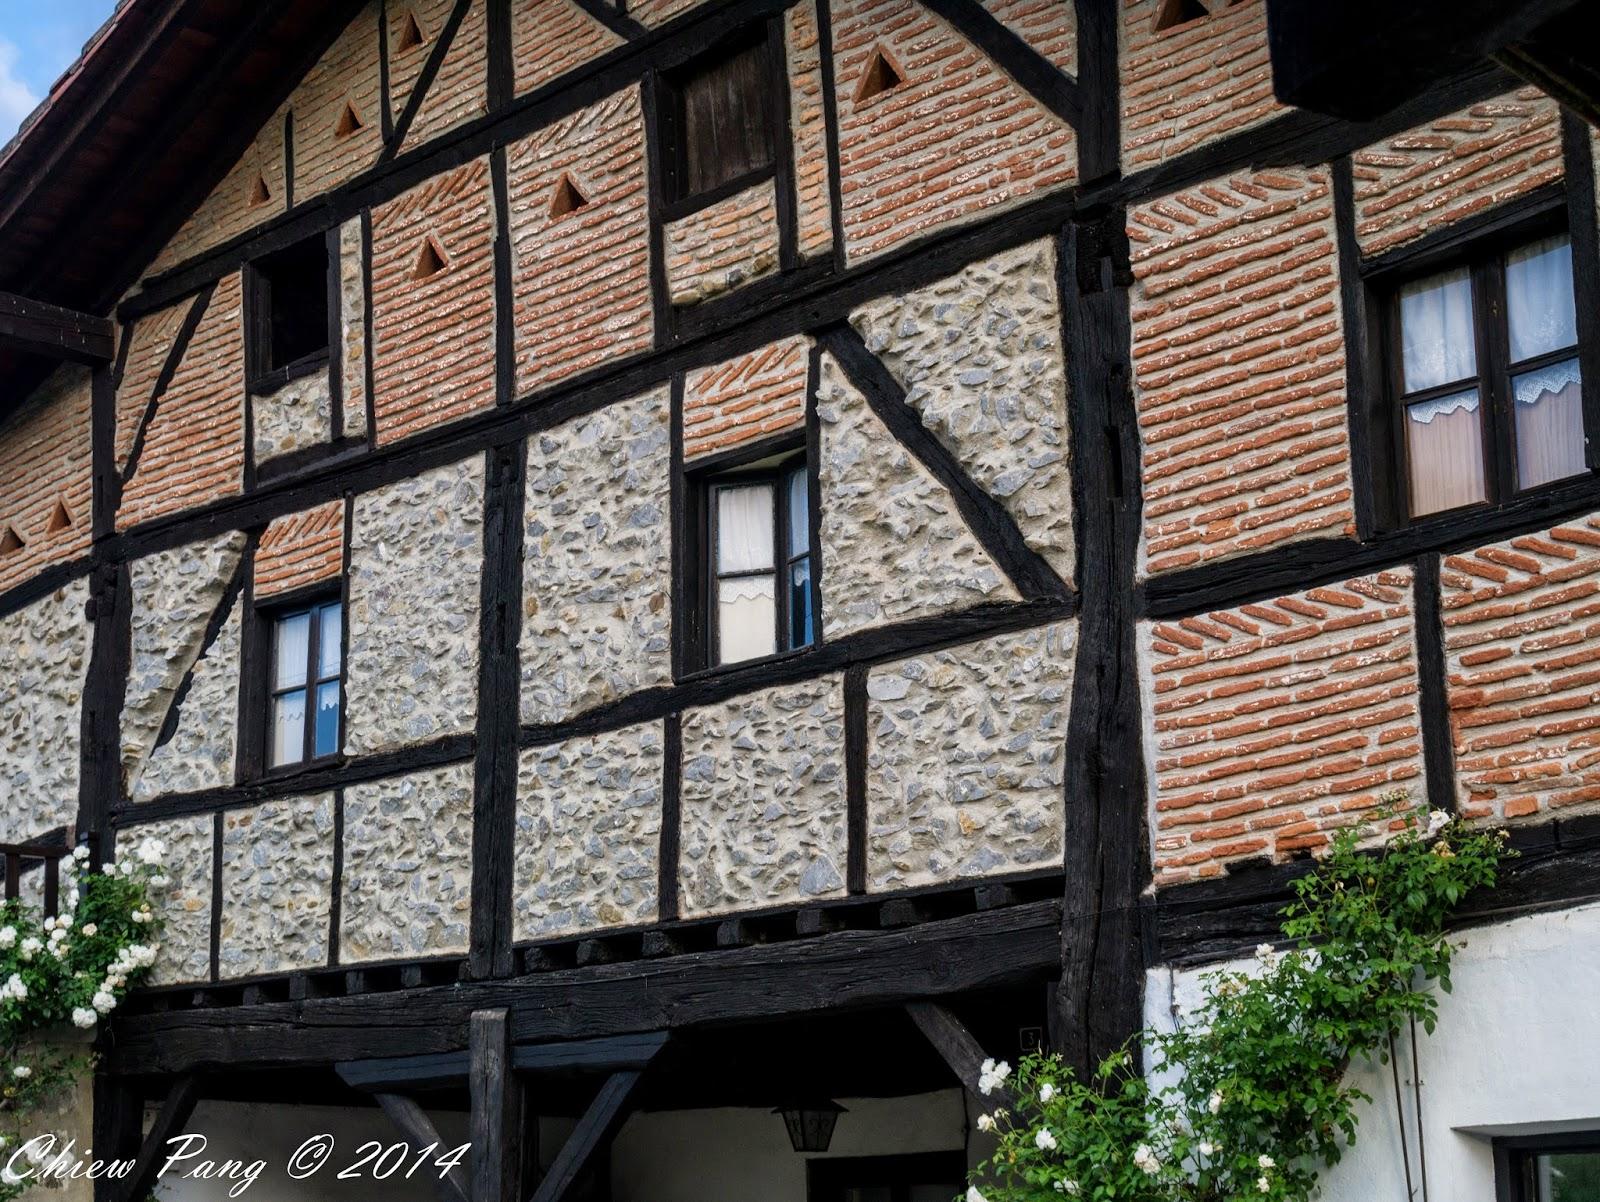 Casa Rural de Ozollo, Gautegiz Arteaga, Basque Country